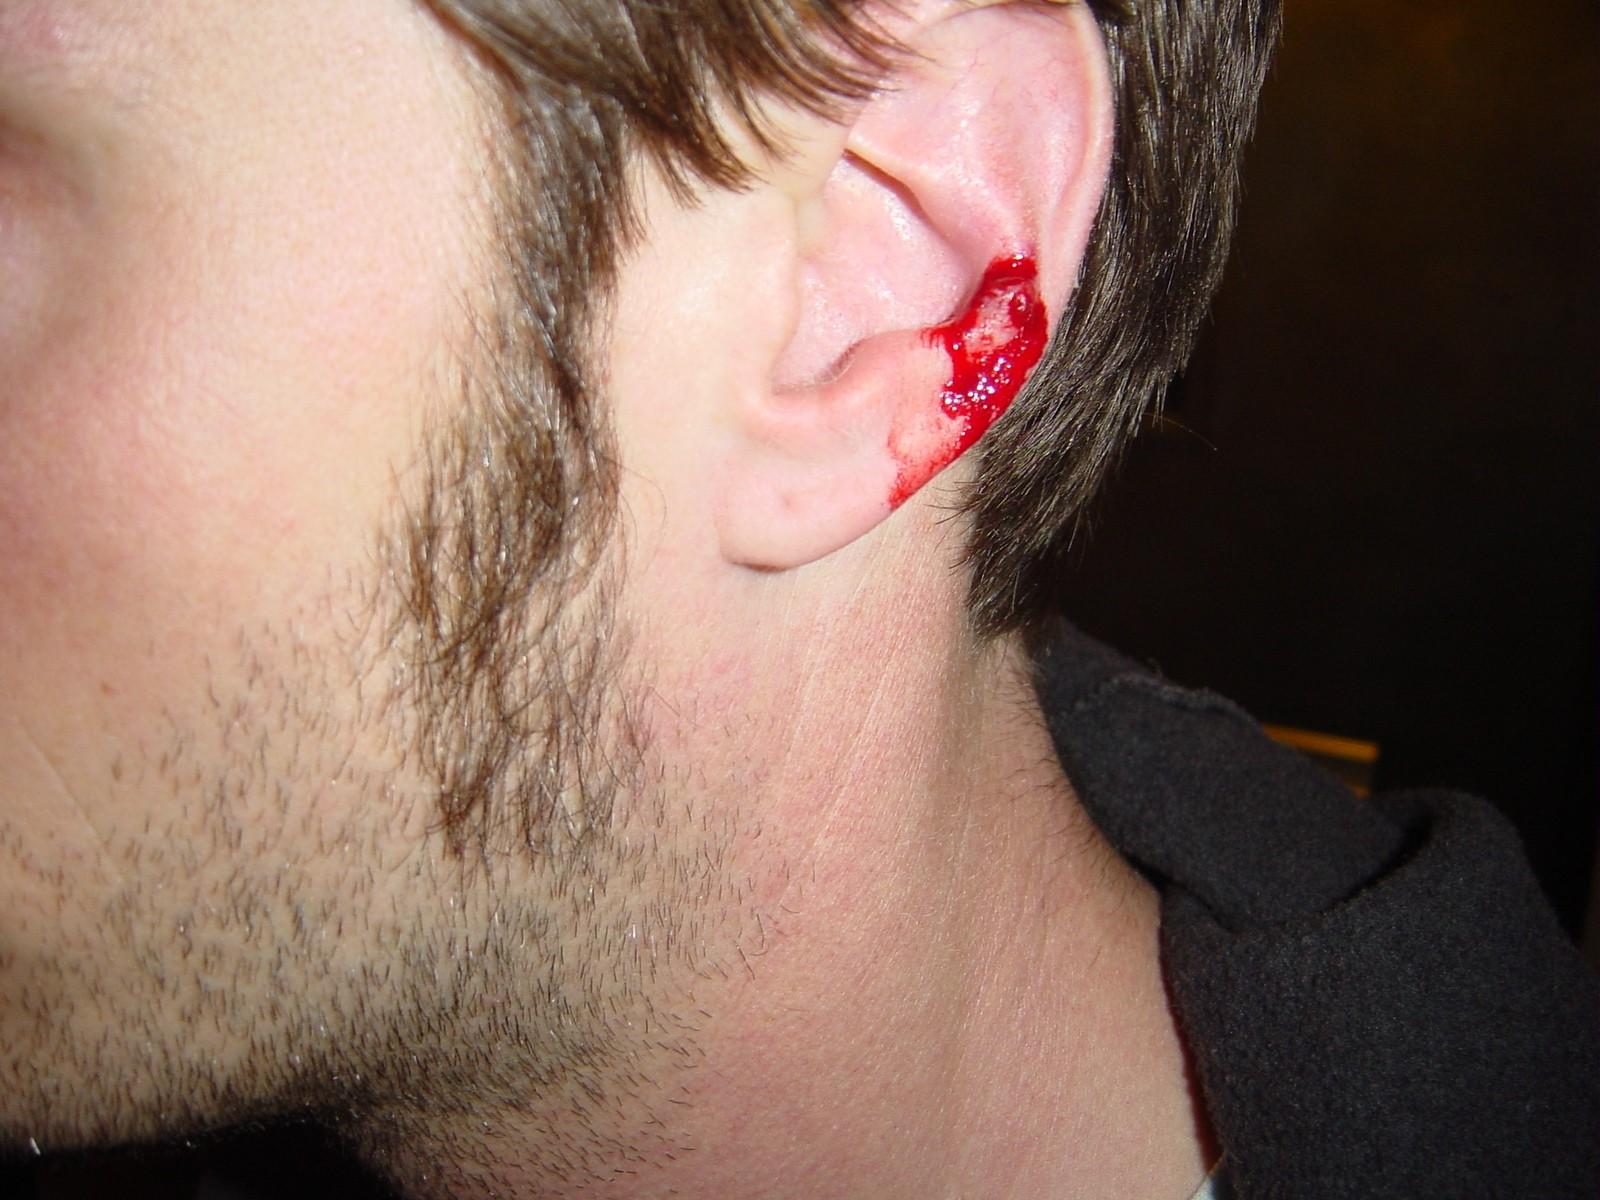 bloody ear